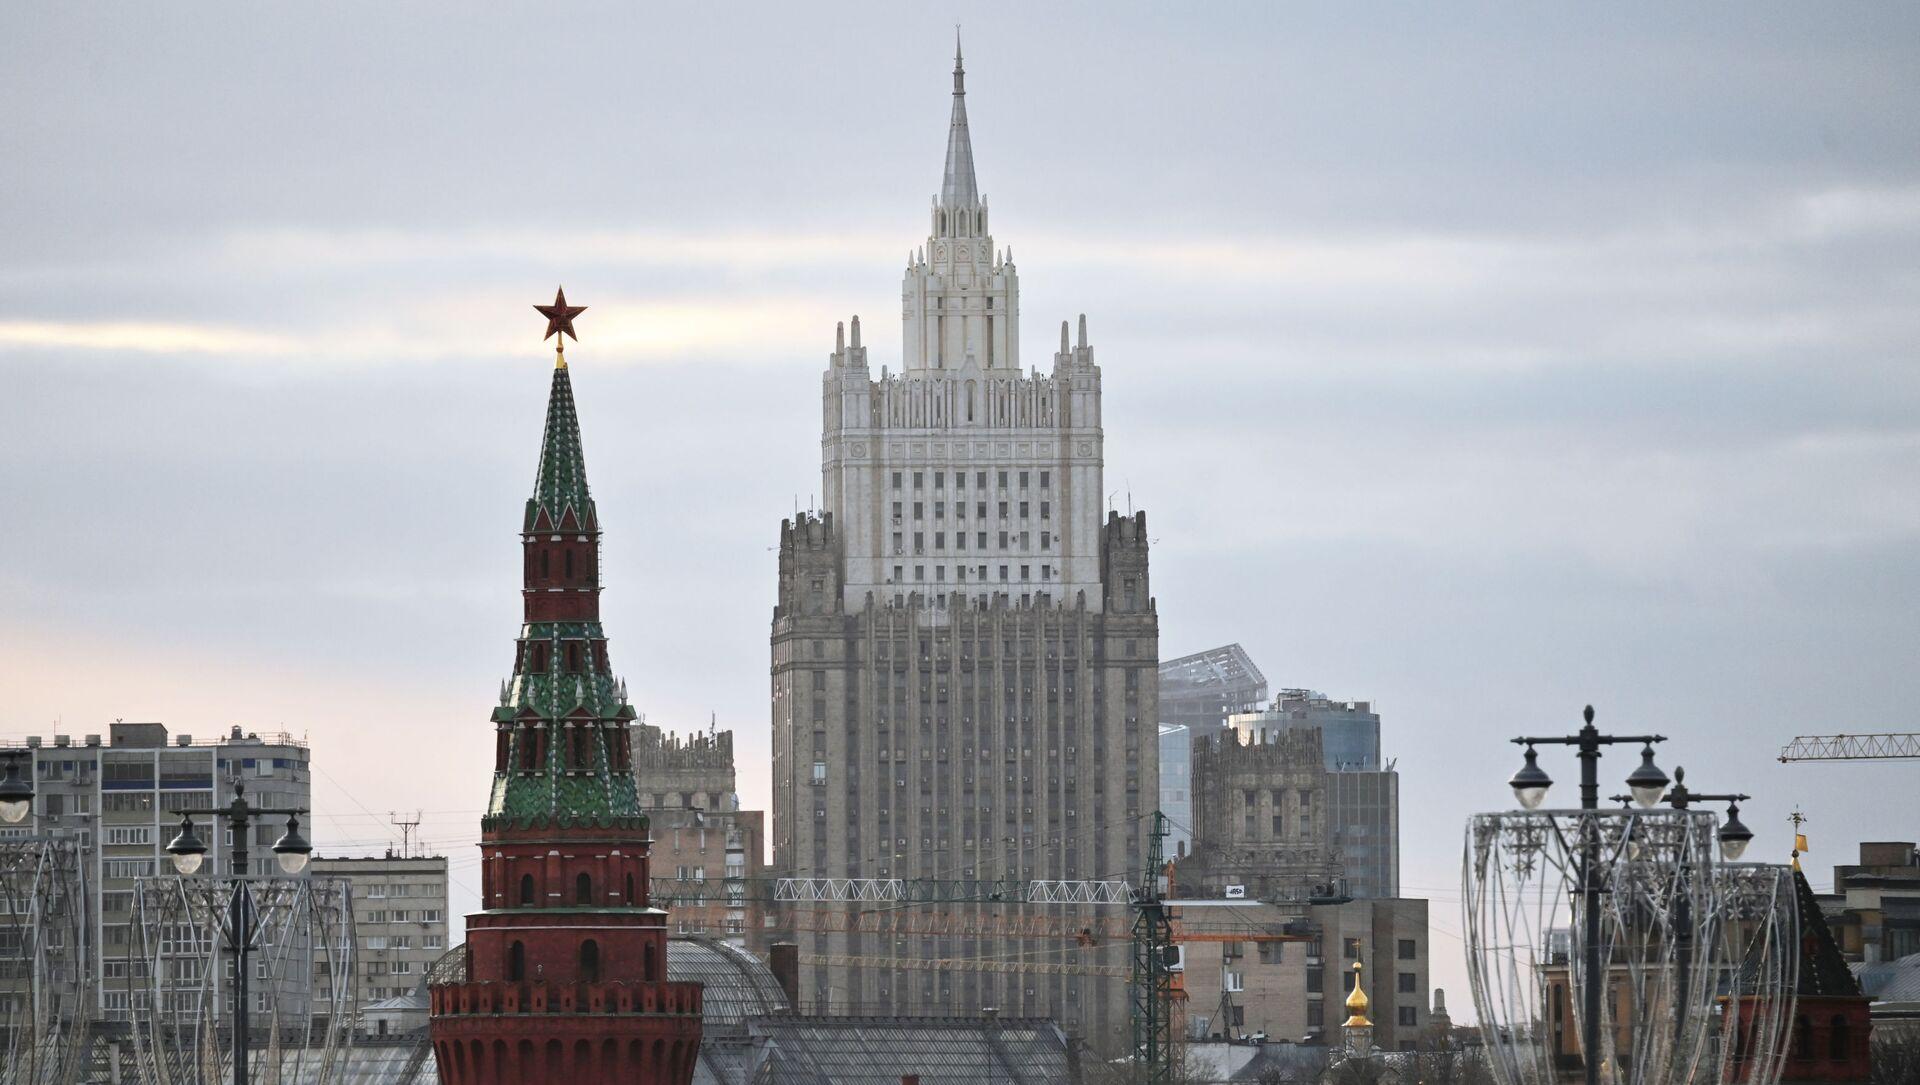 Minsitère des Affaires étrangères et une tour du Kremlin  - Sputnik France, 1920, 26.02.2021